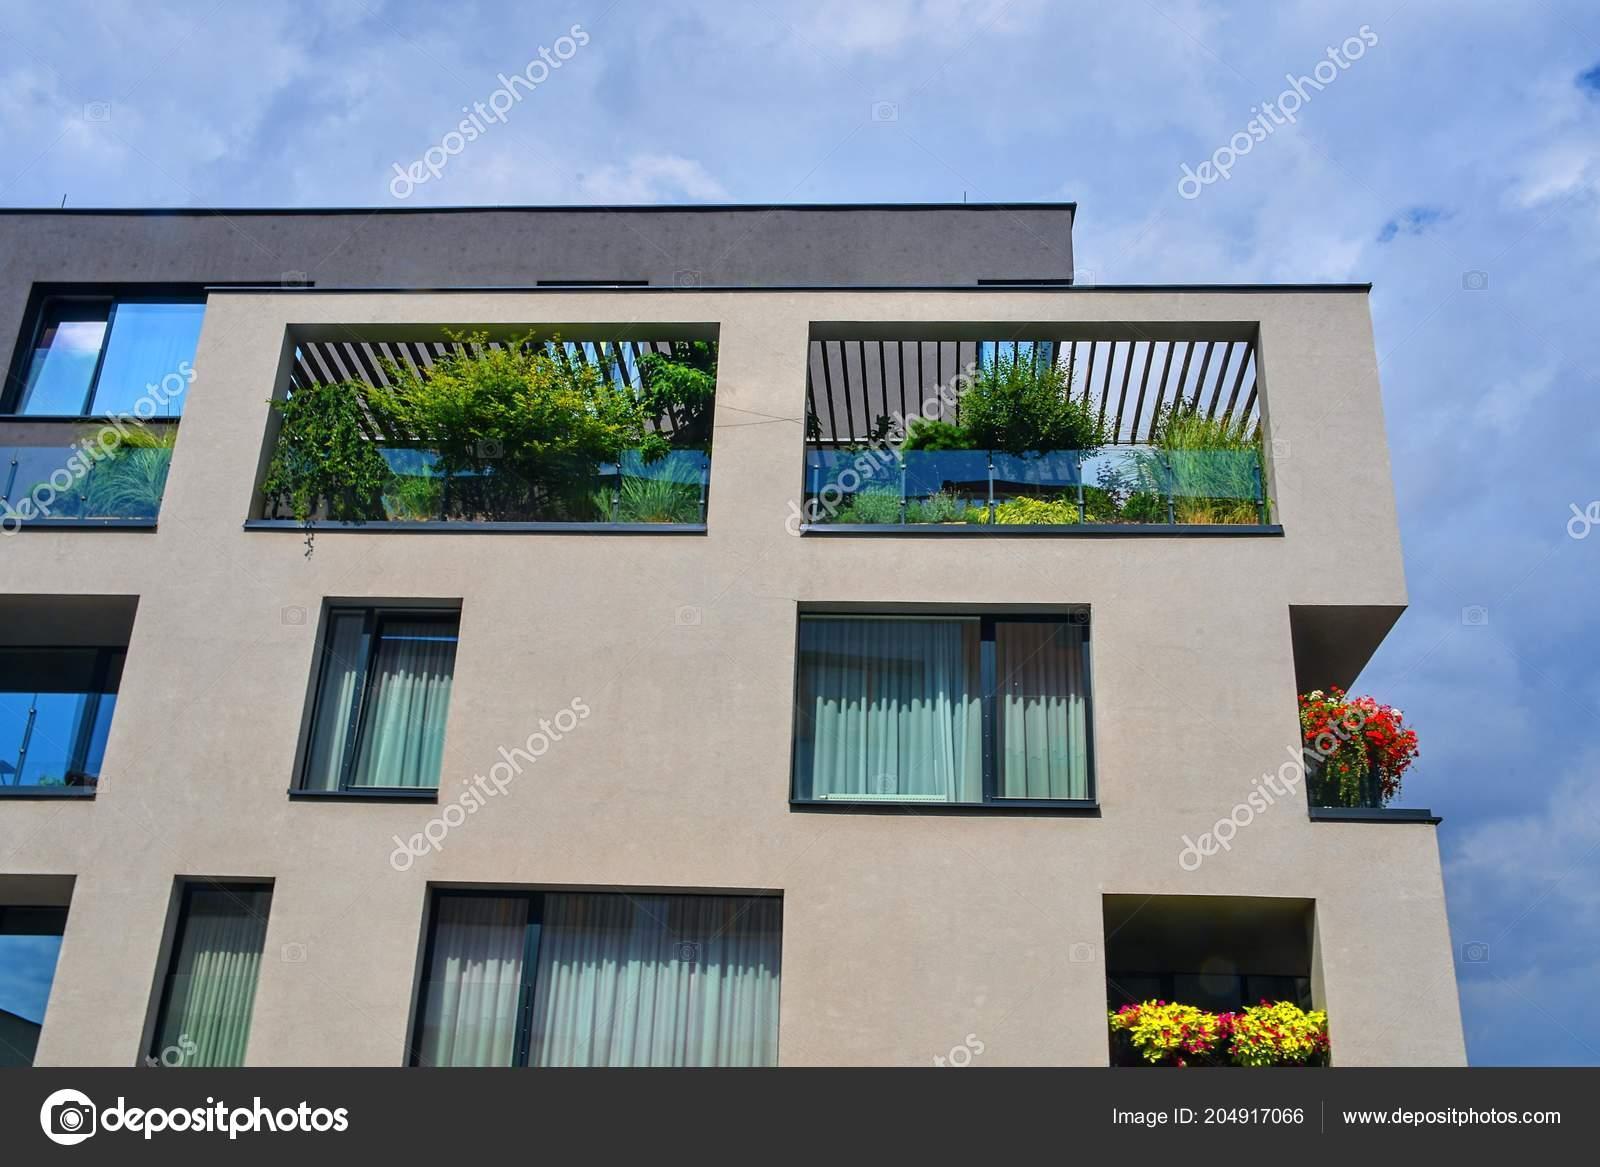 Arquitectura Moderna Terraza Urbana Con Flores Vegetación